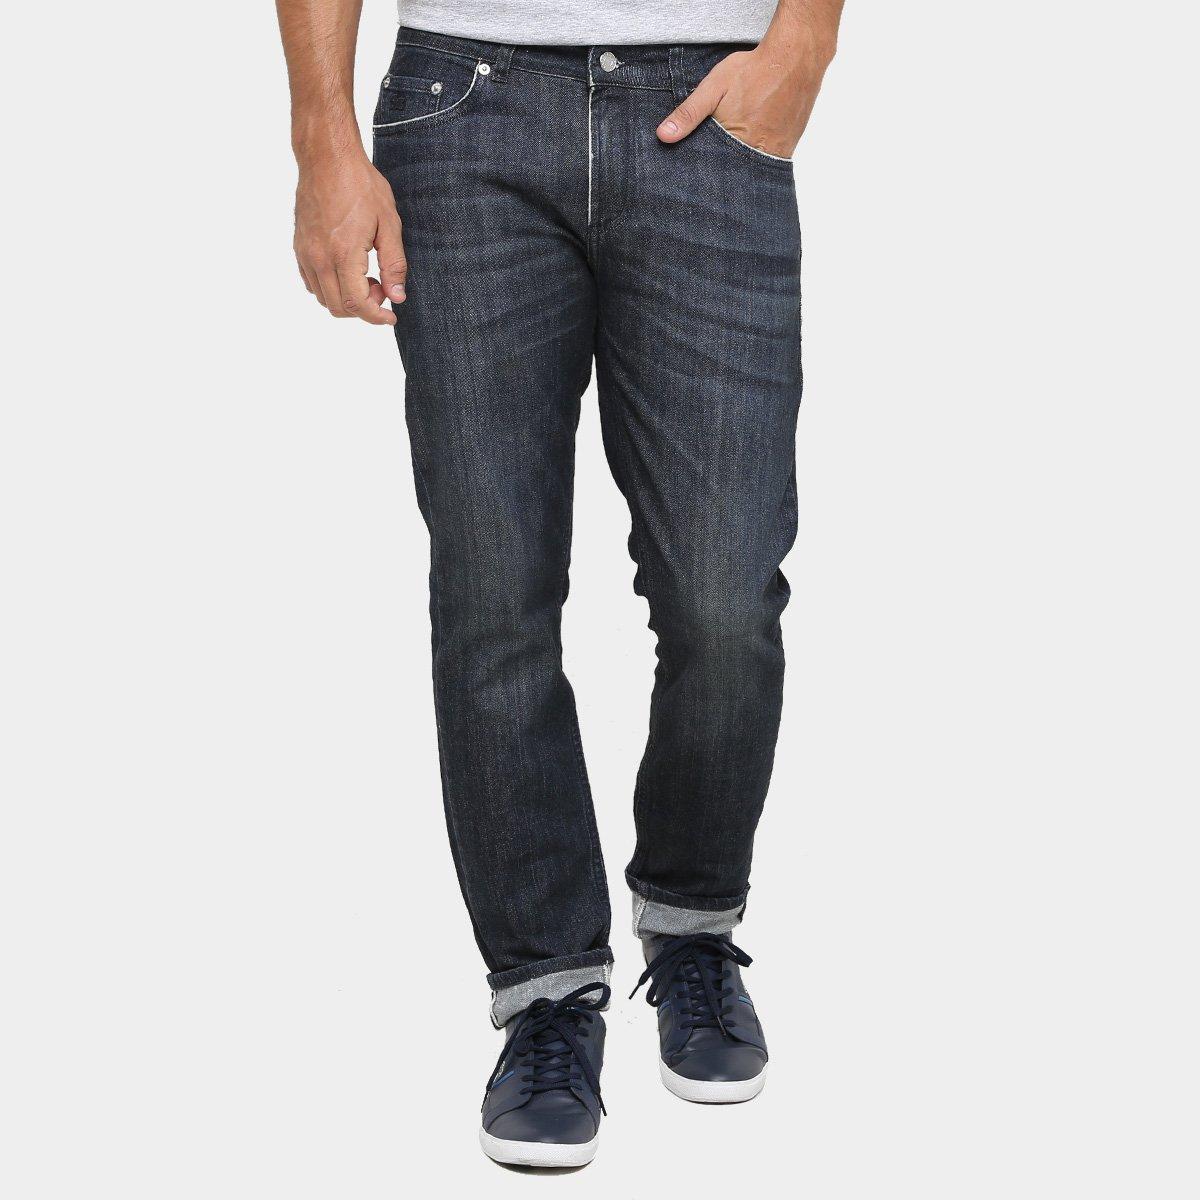 Calça Jeans Lacoste Skinny Escura - Compre Agora   Zattini fbd65297e5